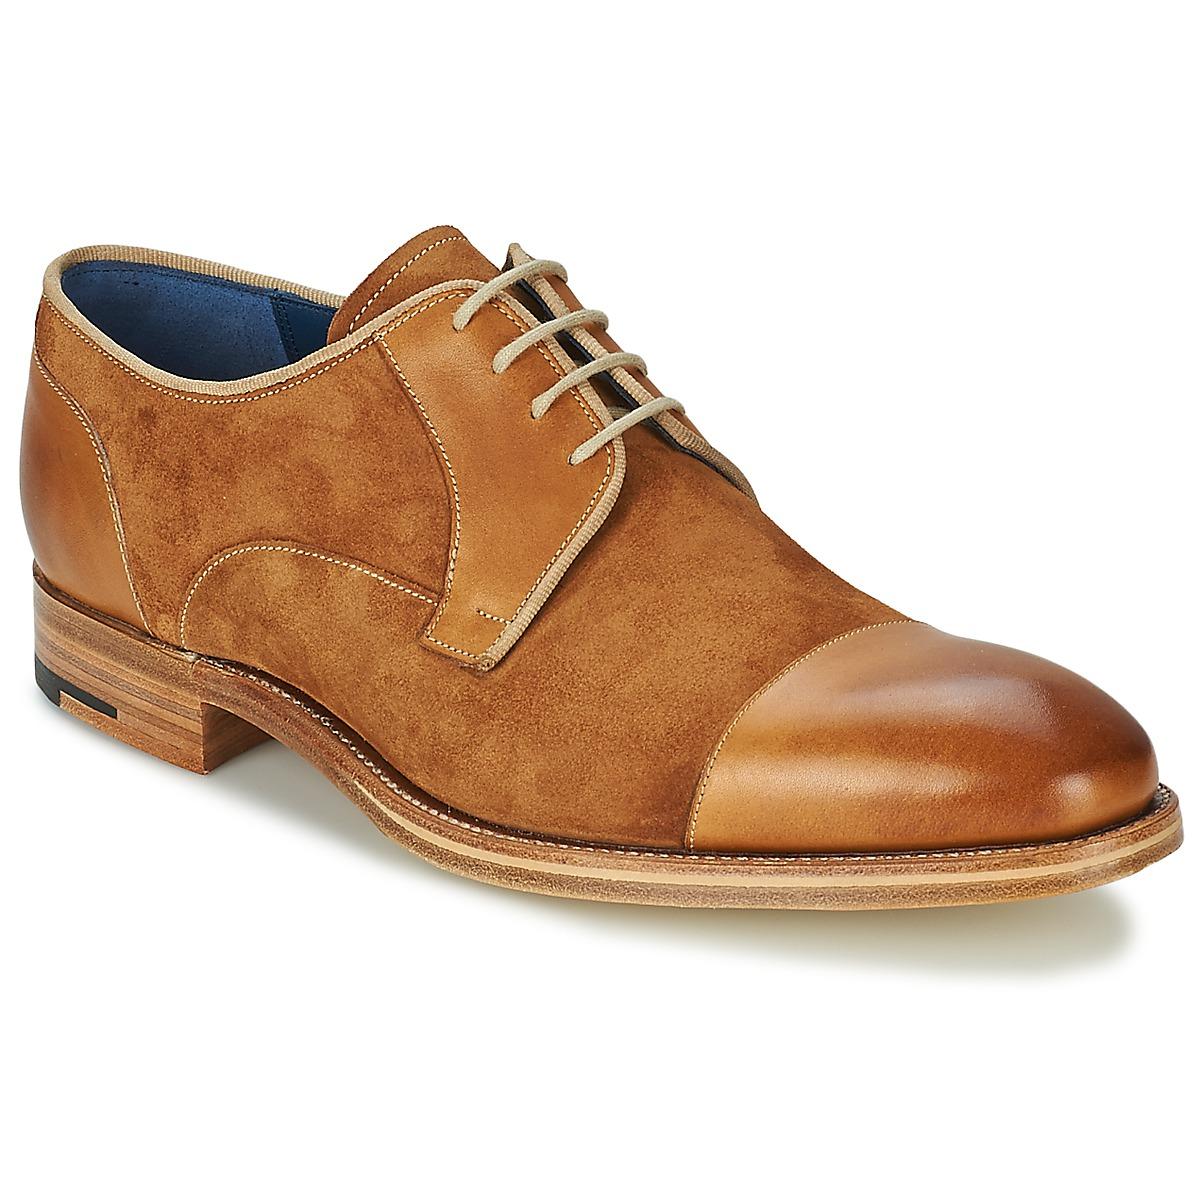 Barker BUTLER Braun - Kostenloser Versand bei Spartoode ! - Schuhe Derby-Schuhe Herren 207,00 €